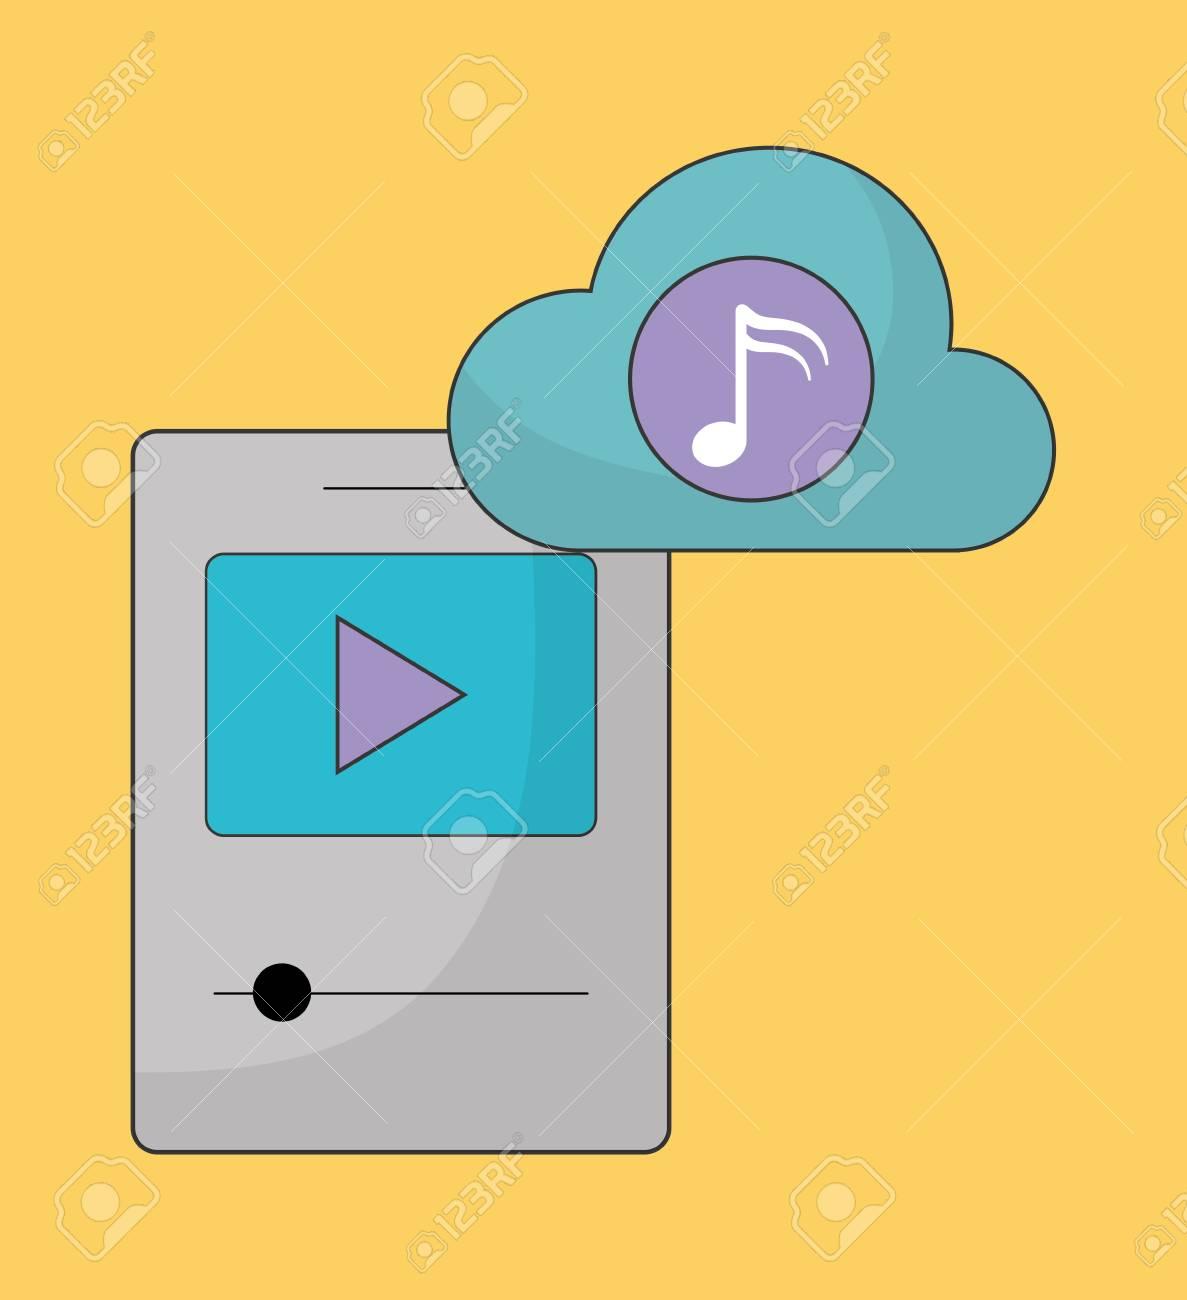 Musique En Ligne Représentée Par Le Jeu, Le Nuage, La Note De Musique Et  L'icône Mp3. Illustration Colorfull Et Plat dedans Jeux De Musique En Ligne